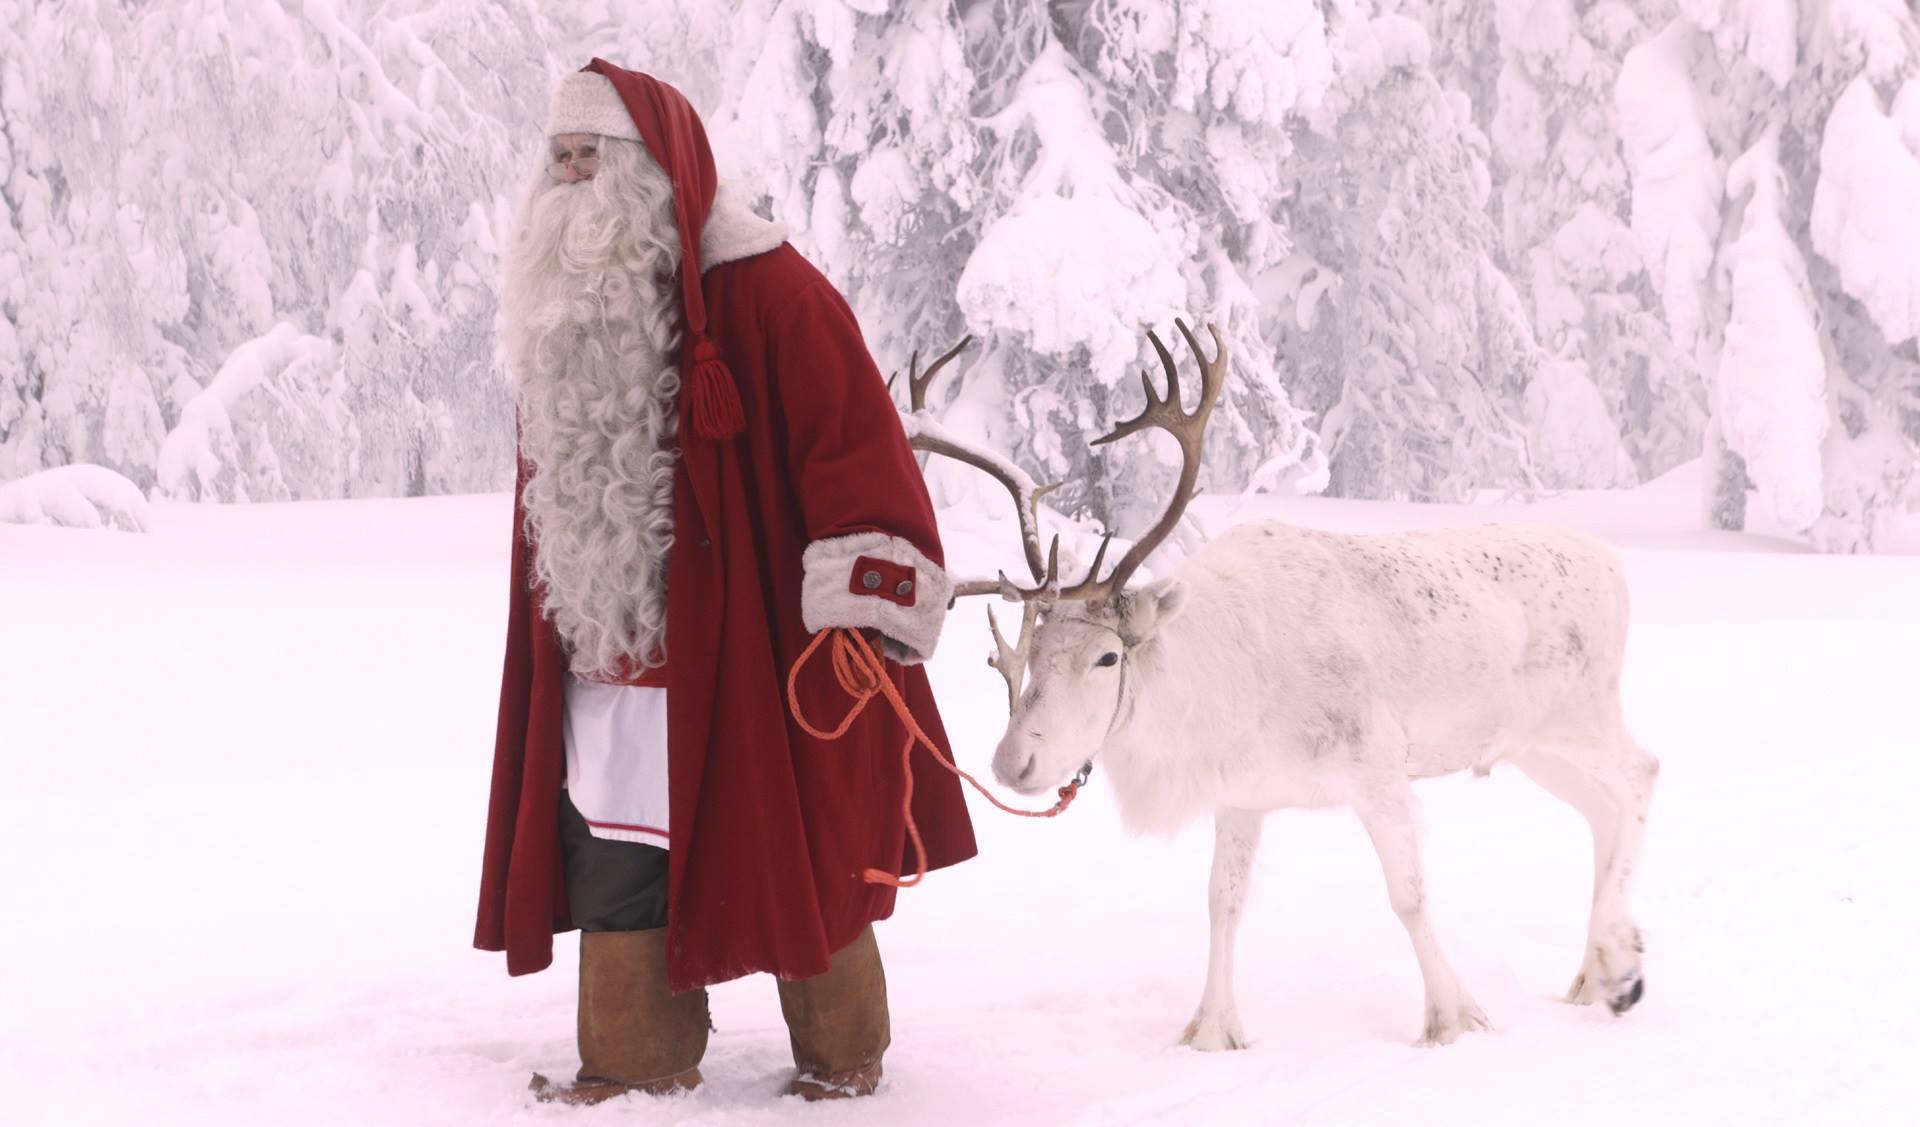 Viaggio Paese Babbo Natale.Lapponia Viaggio Nel Paese Di Babbo Natale Viaggiamo